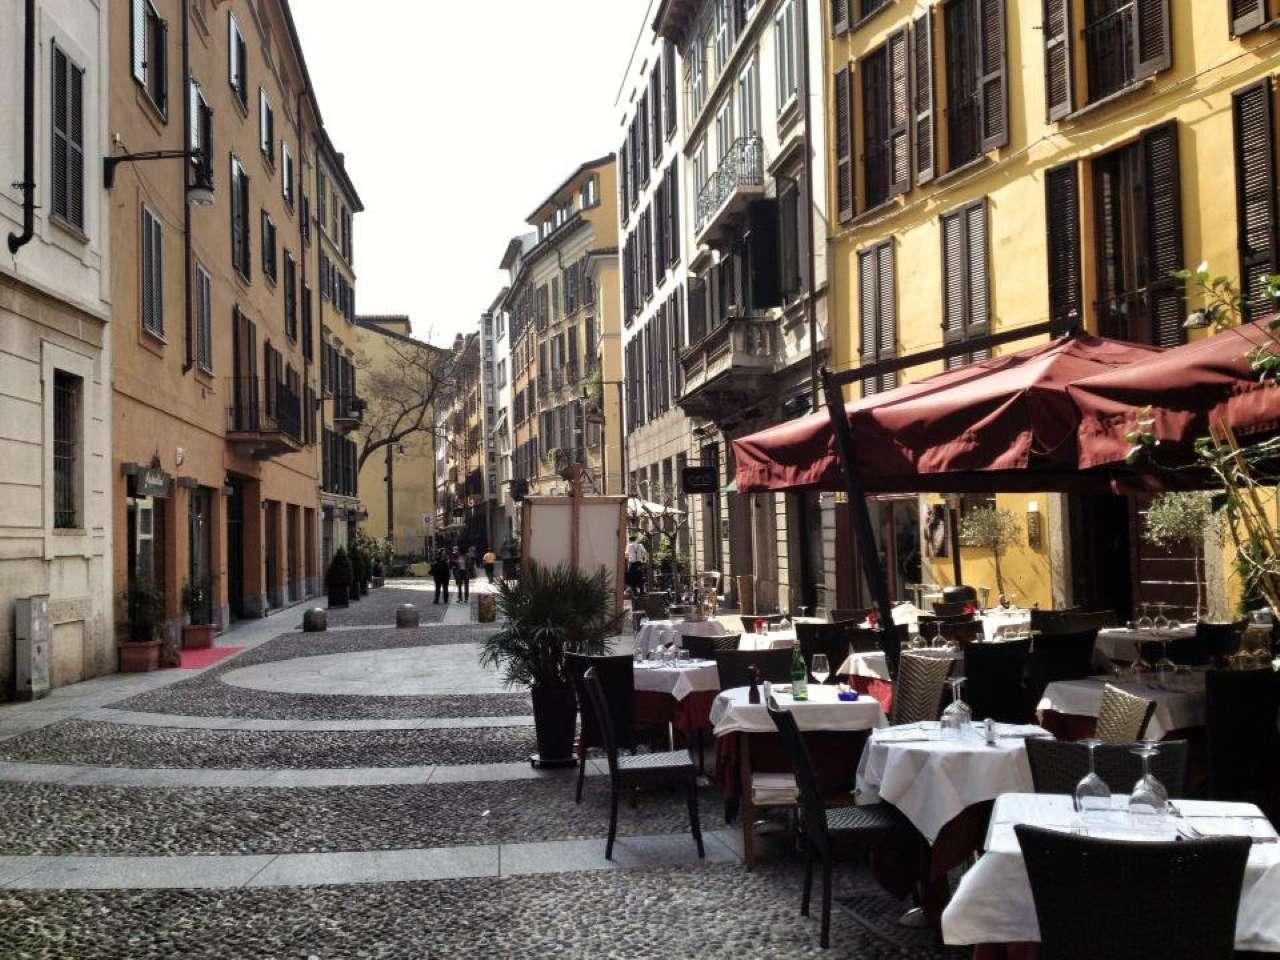 Appartamento in Vendita a Milano 01 Centro storico (Cerchia dei Navigli): 3 locali, 90 mq